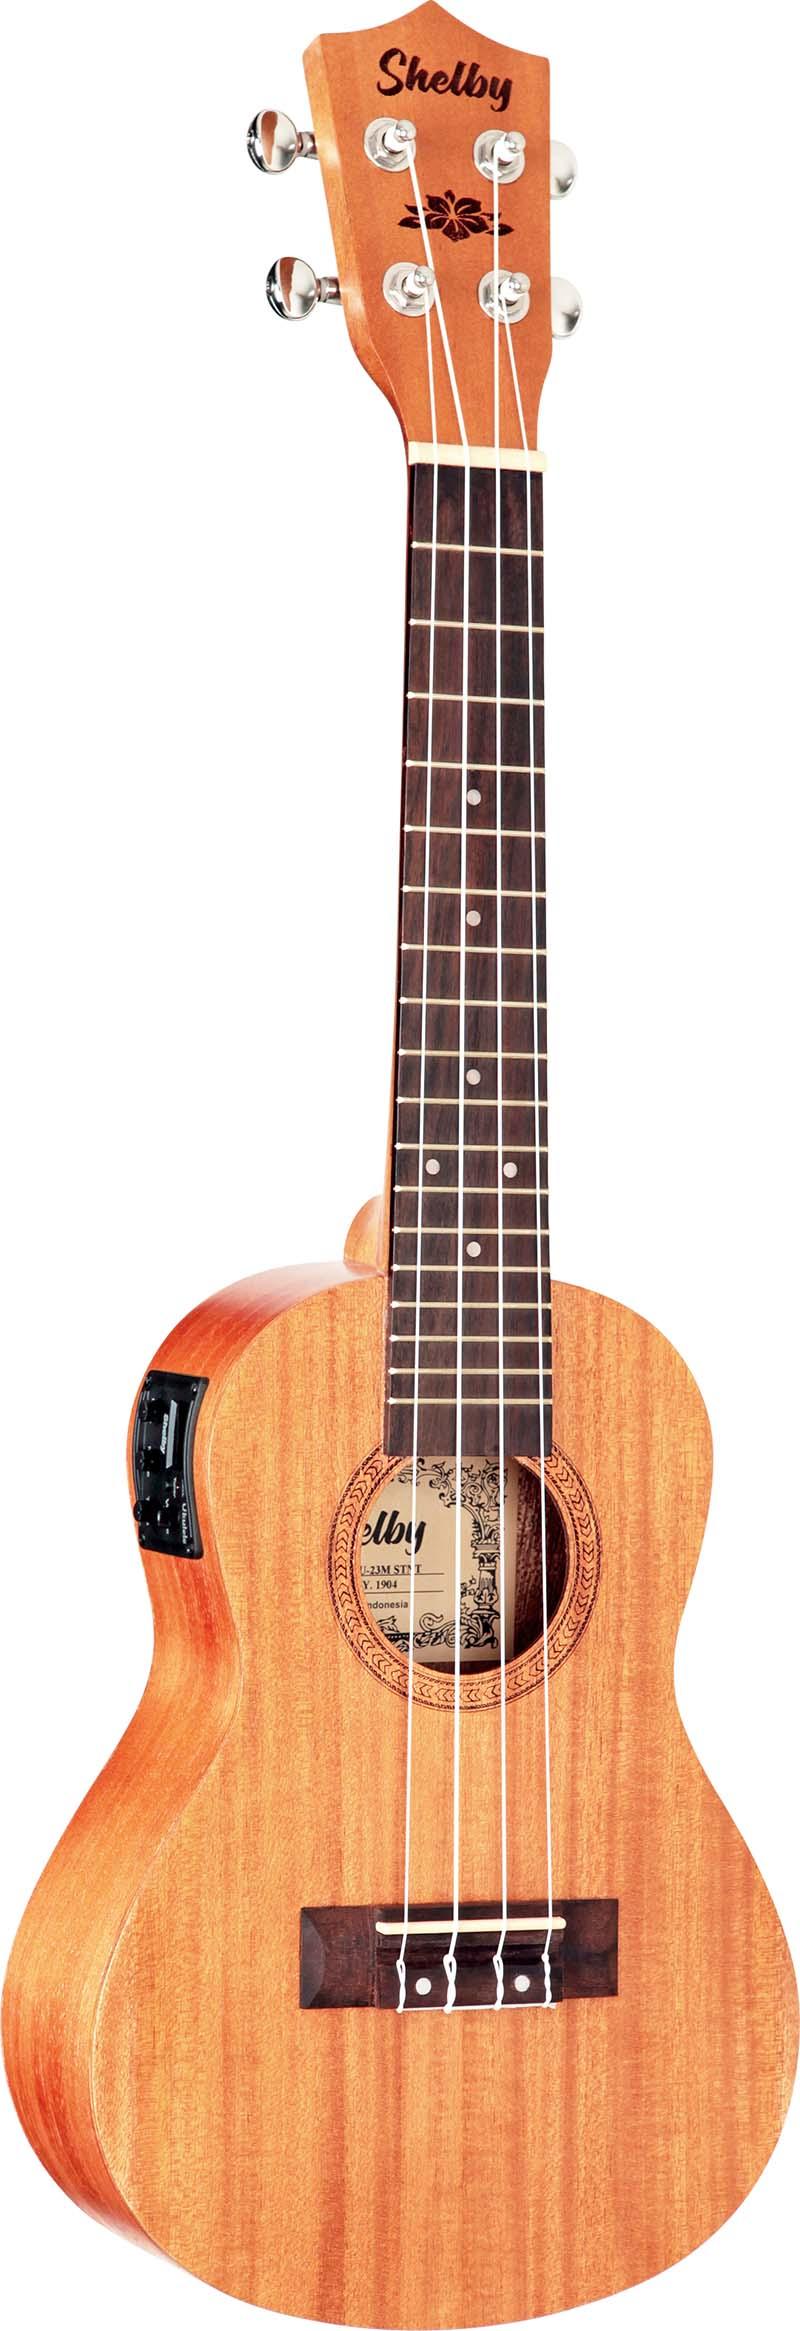 su23me ukulele concerto eletroacustico shelby su23me stnt mogno acetinado visao frontal 1